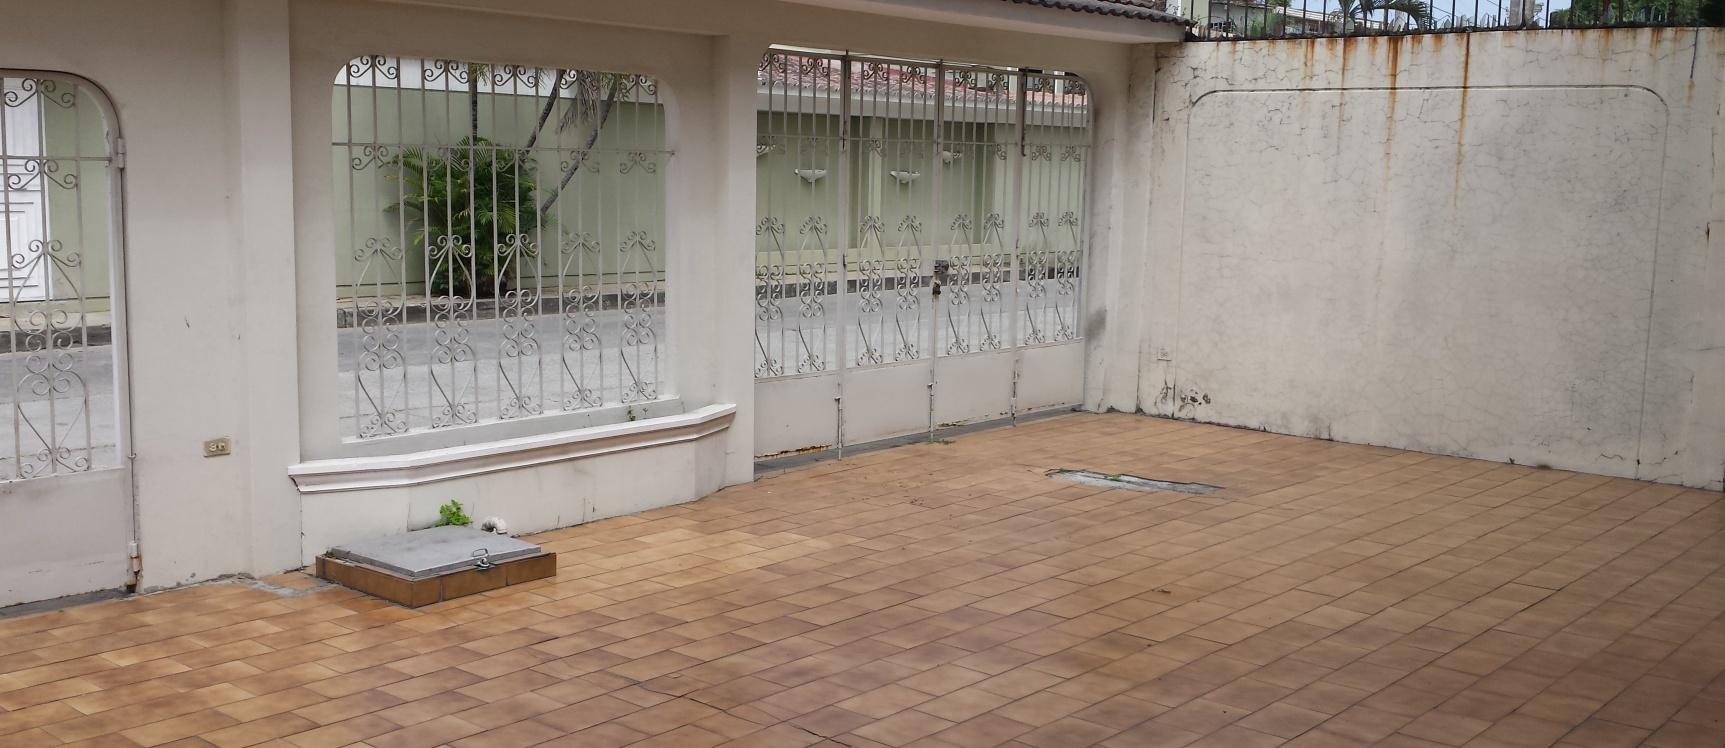 Vendo casa de dos plantas en los almendros guayaquil for Casas con piscina guayaquil